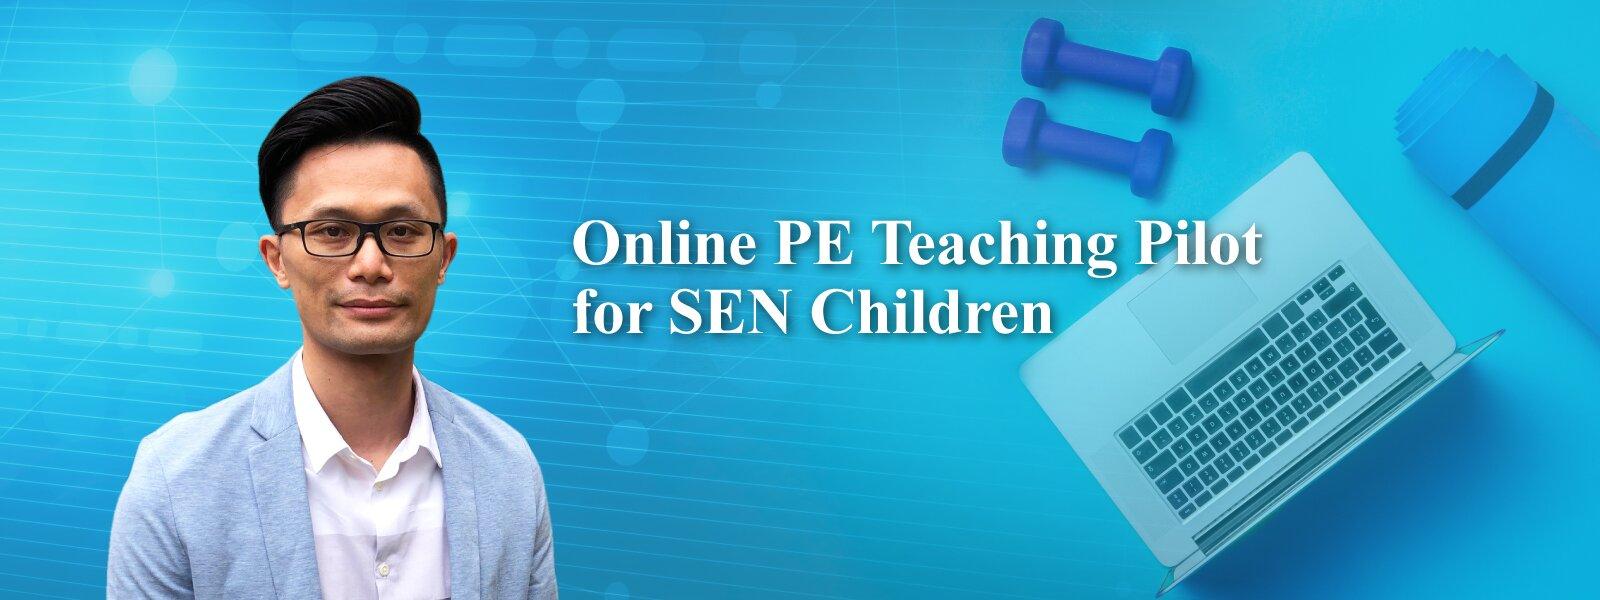 Online PE Teaching Pilot for SEN Children